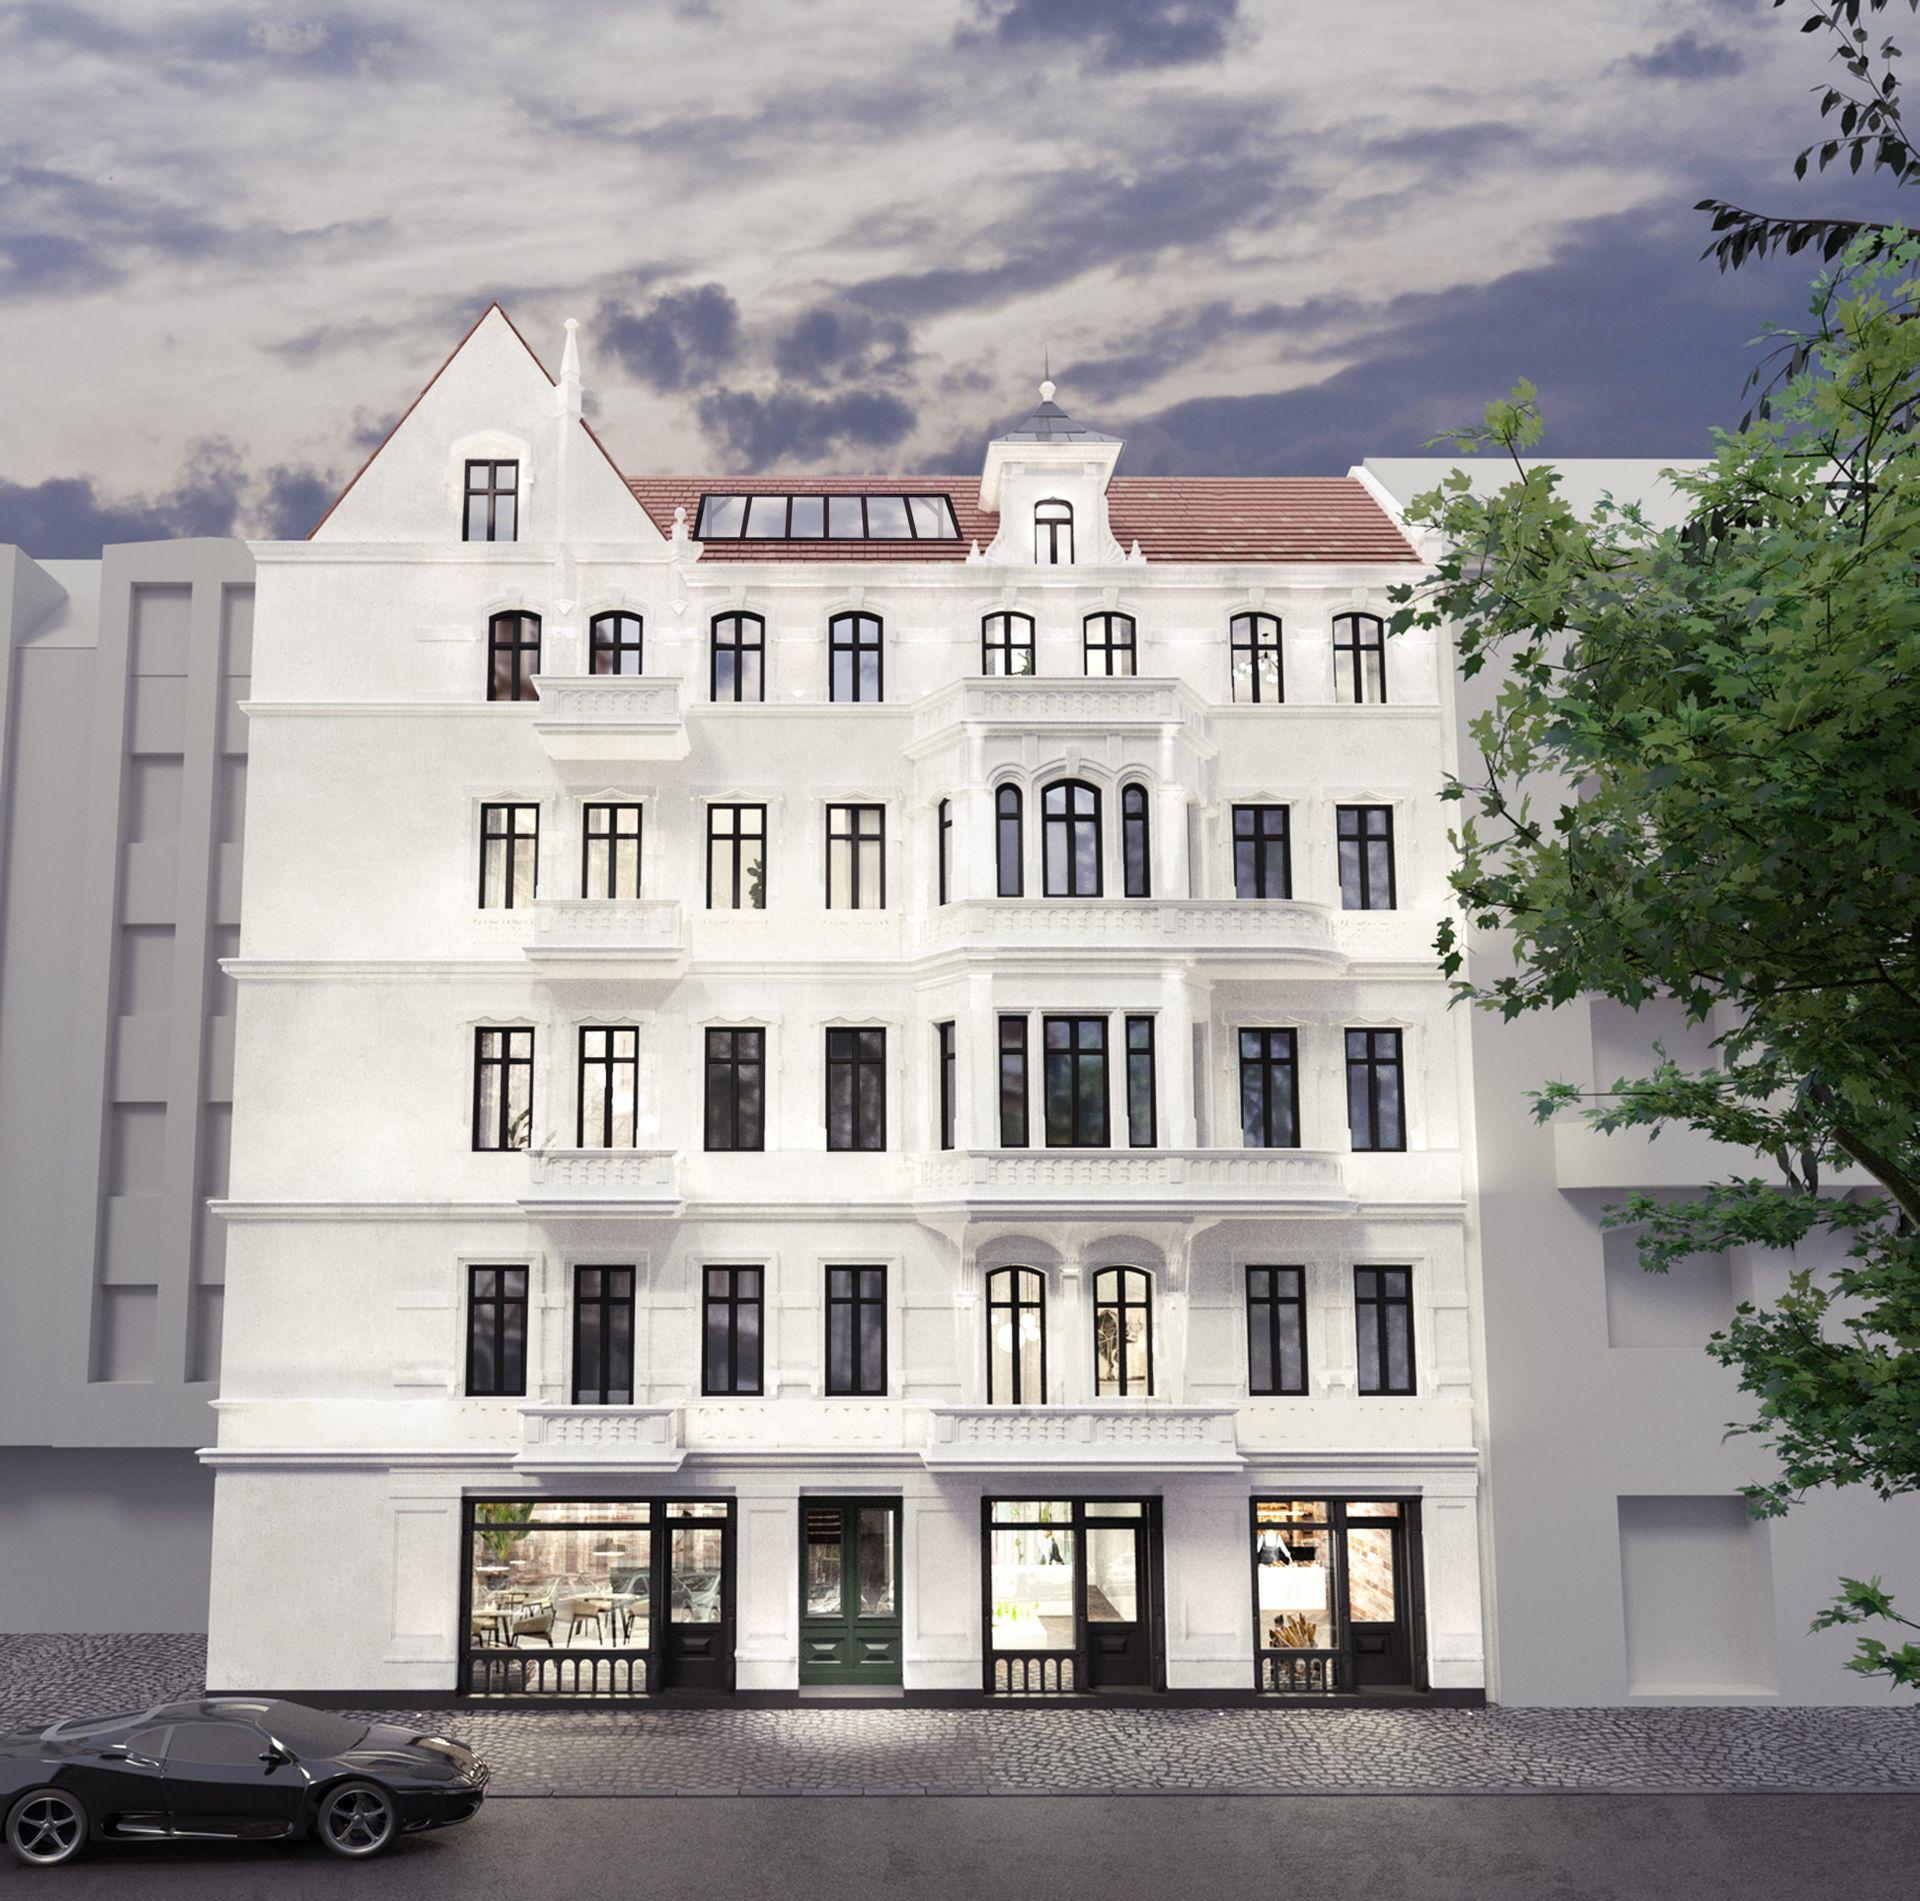 Wrocław: Krasińskiego 25 – Dom Bez Granic. W zabytkowej kamienicy na Przedmieściu Oławskim powstają apartamenty [WIZUALIZACJA]